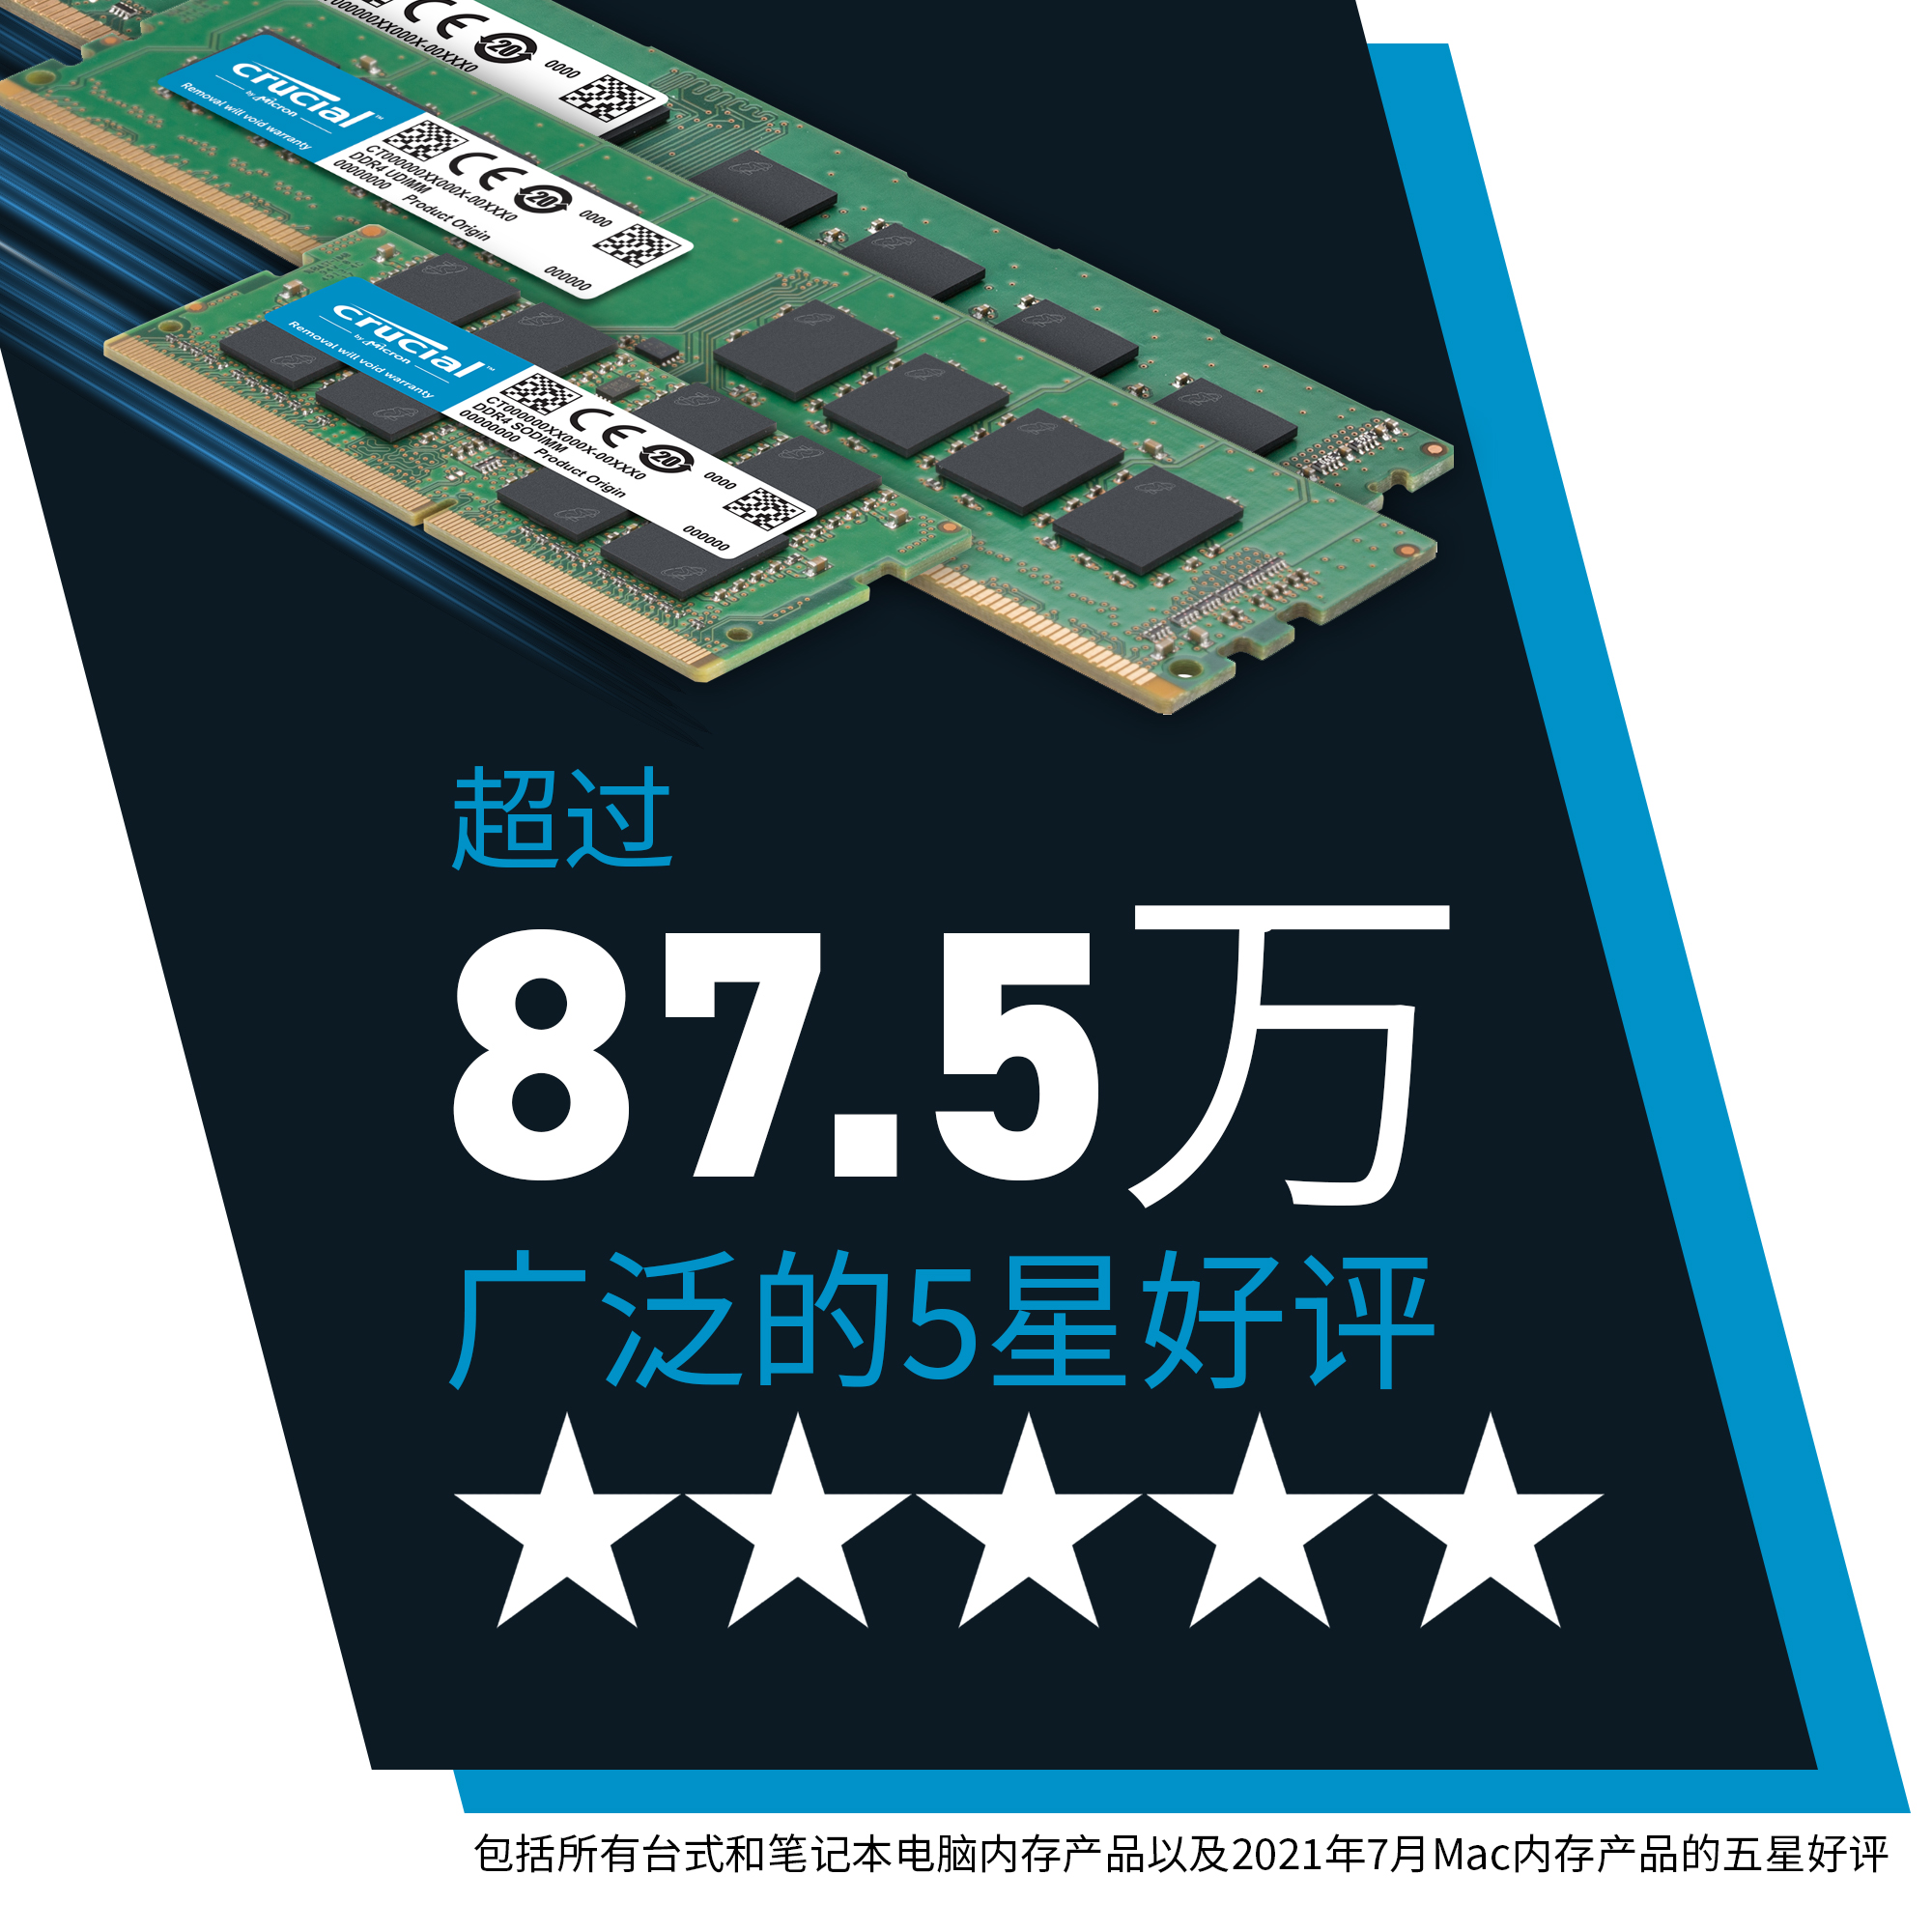 Crucial 8GB Kit (2 x 4GB) DDR3L-1600 UDIMM- view 2